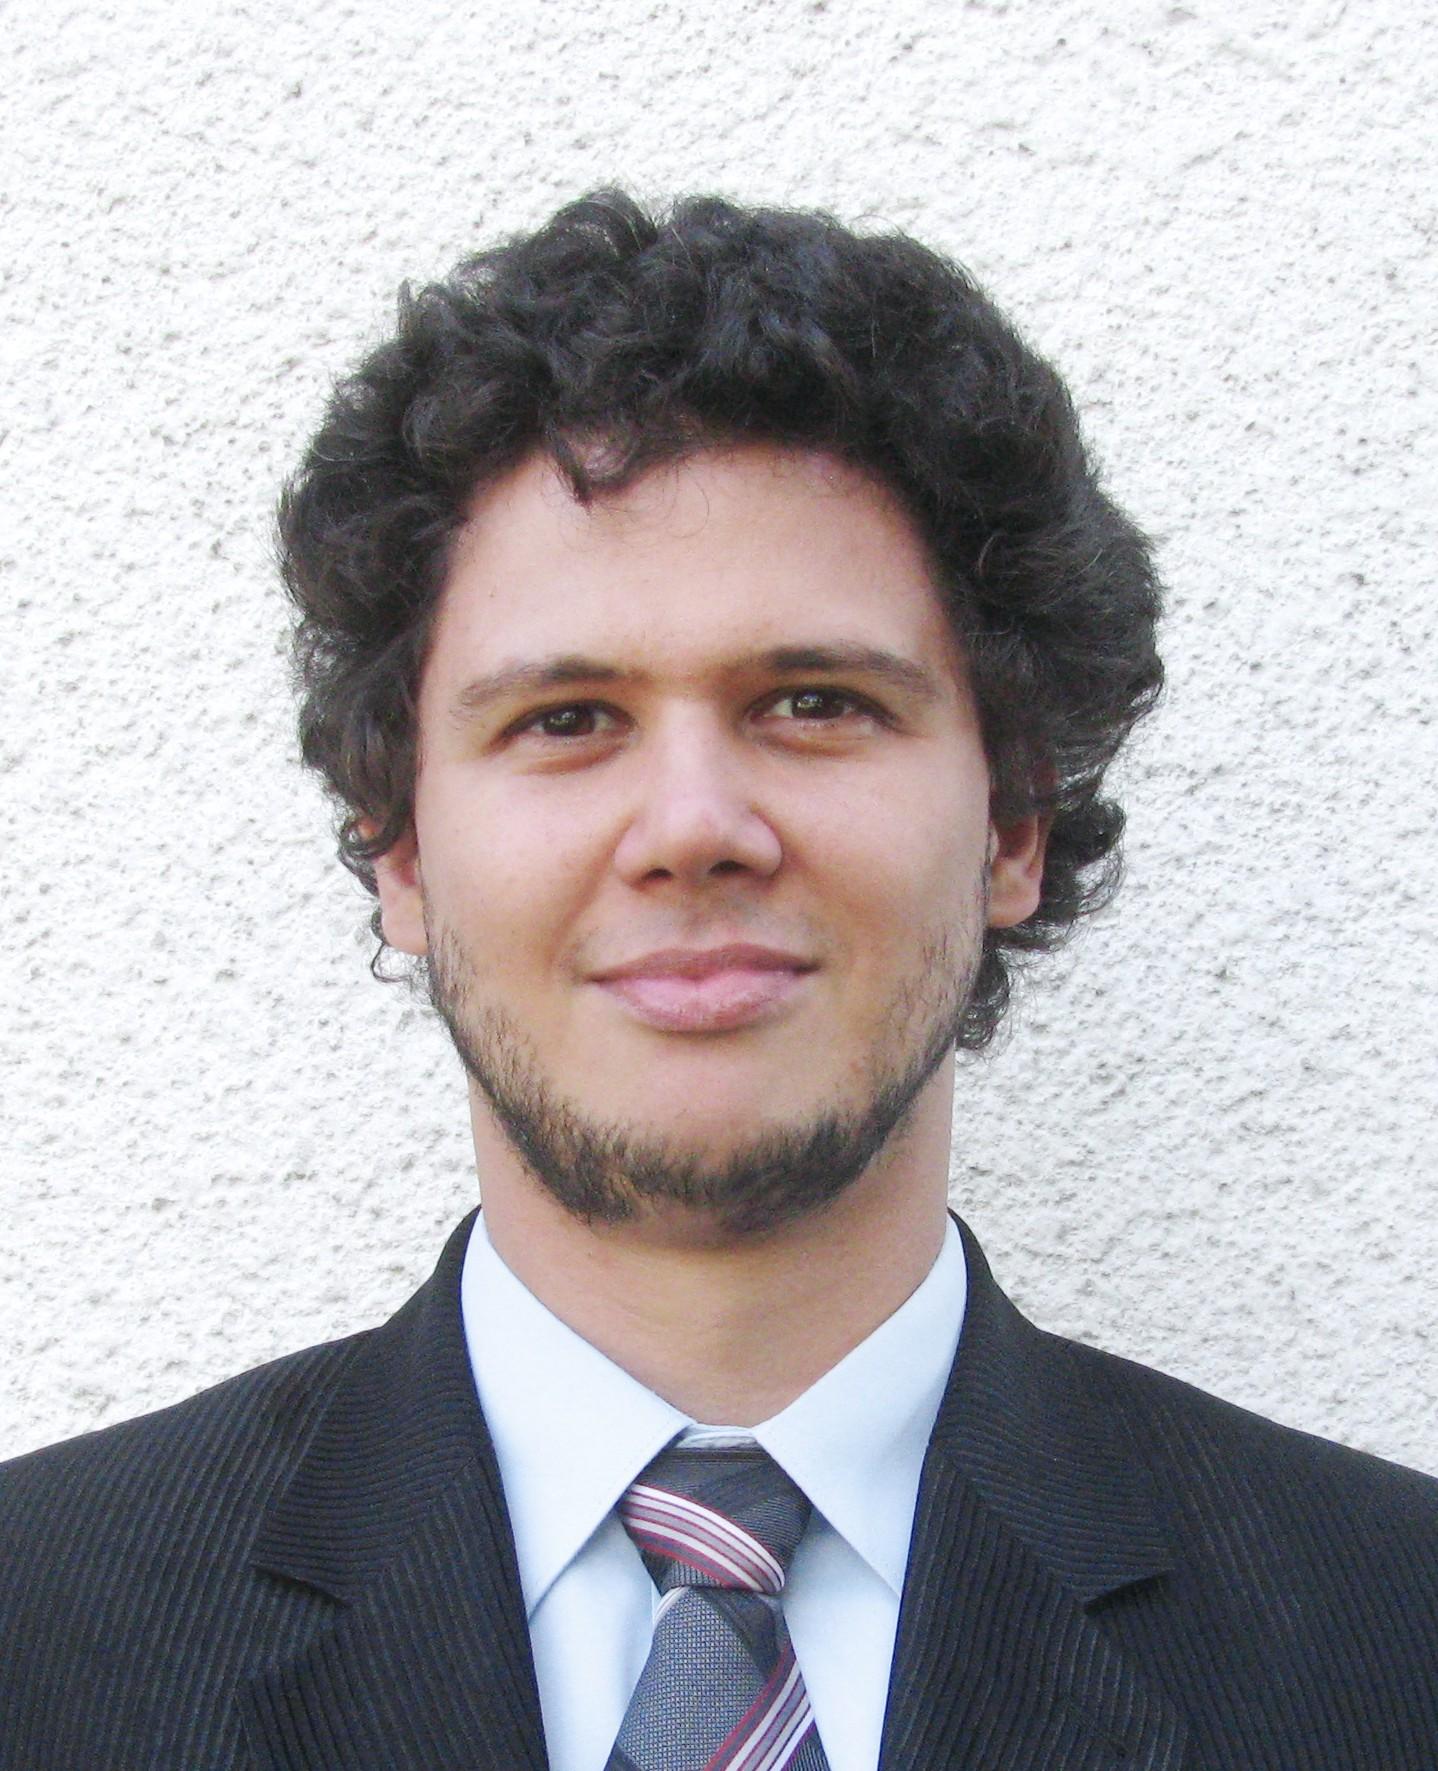 Bachrathy Dániel